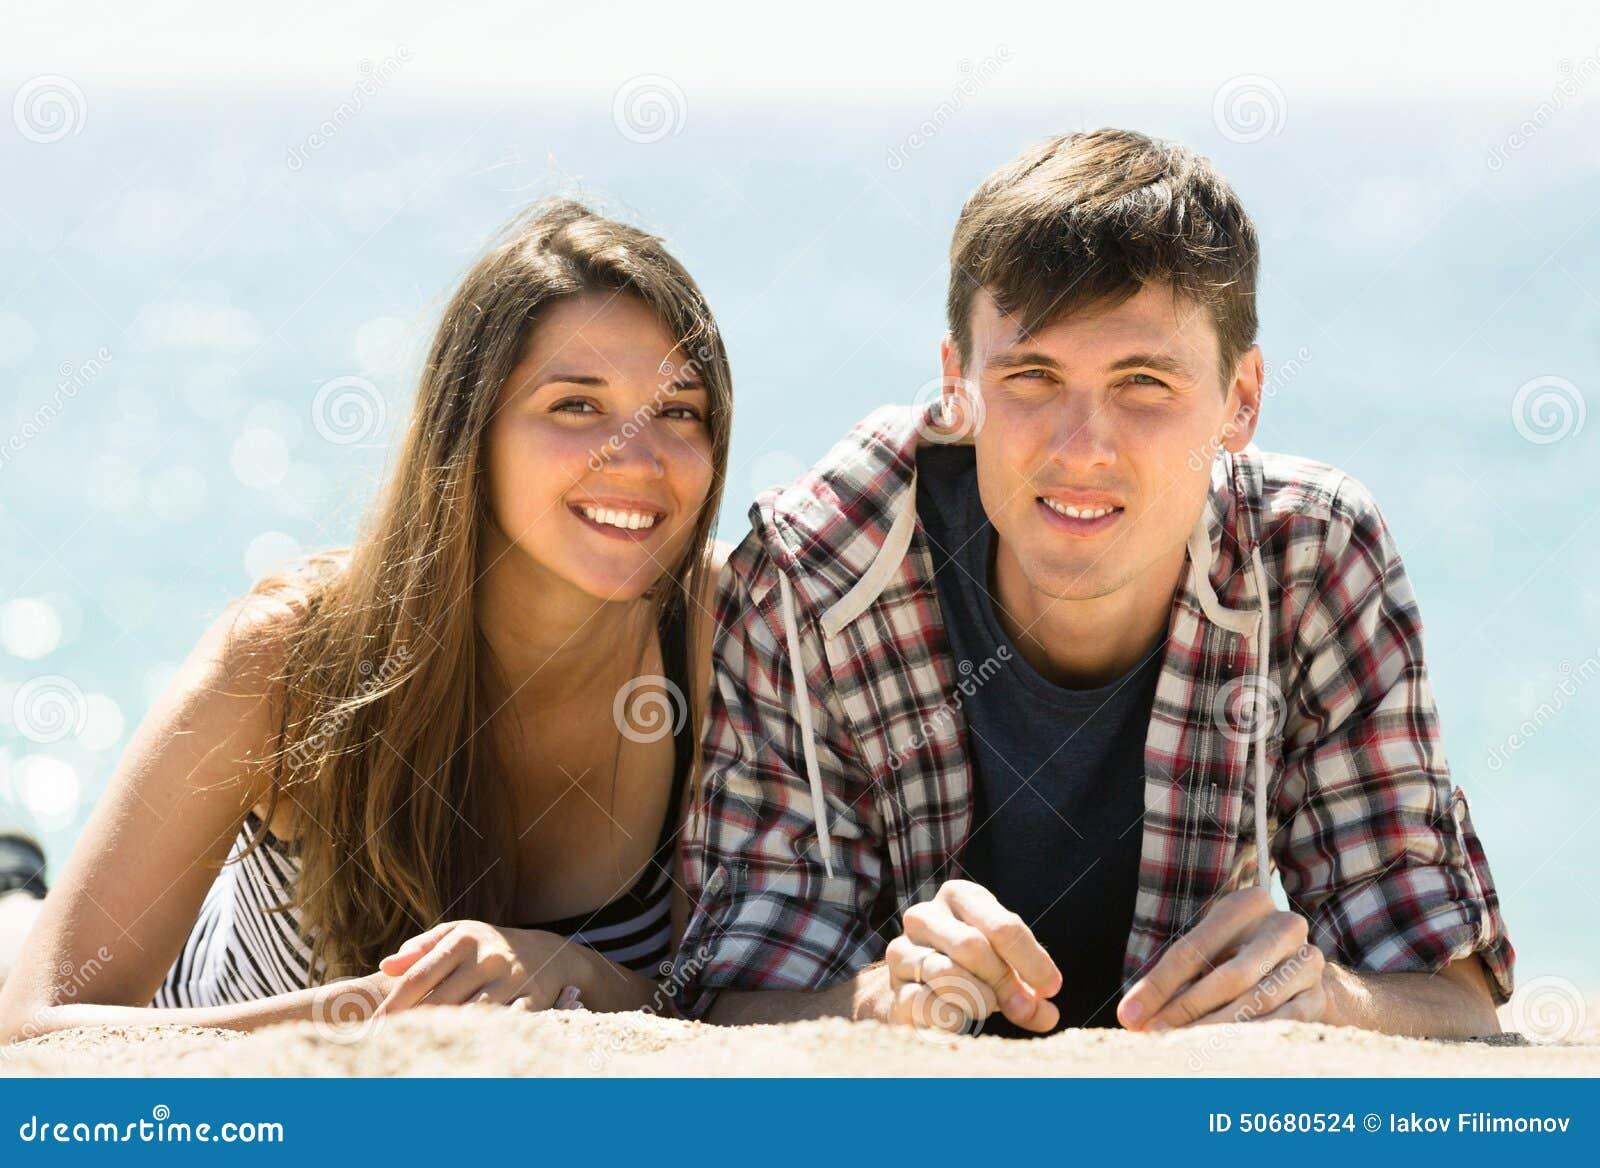 Download 放松在海滨的夫妇 库存照片. 图片 包括有 含沙, 欧洲, 夫妇, 海运, 幸福, 盐水湖, 衣裳, 自由 - 50680524